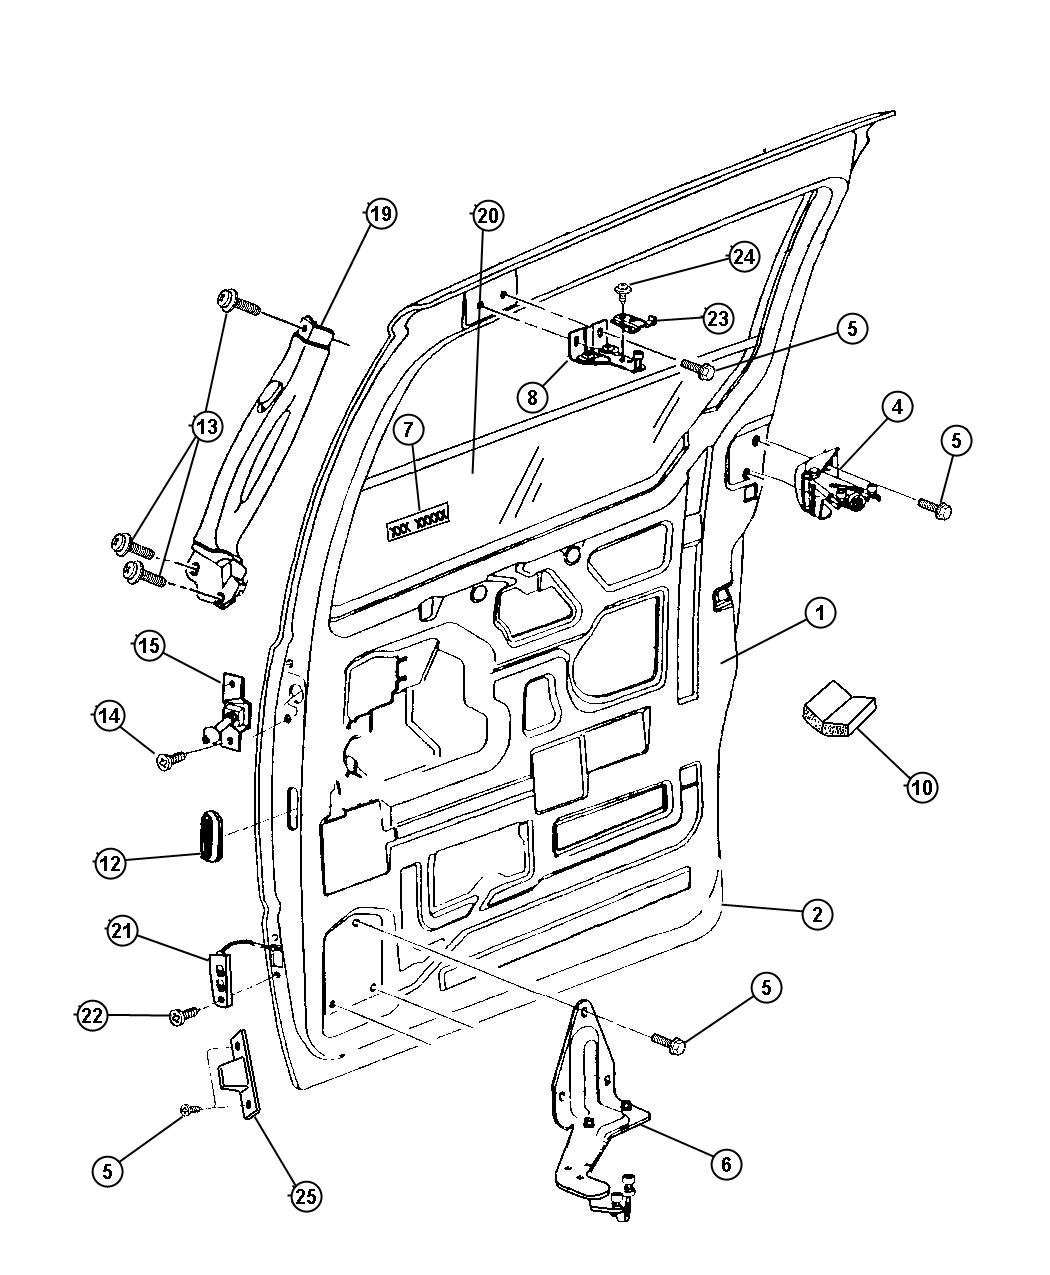 dodge grand caravan parts diagram actuator wiring sliding door harness get free